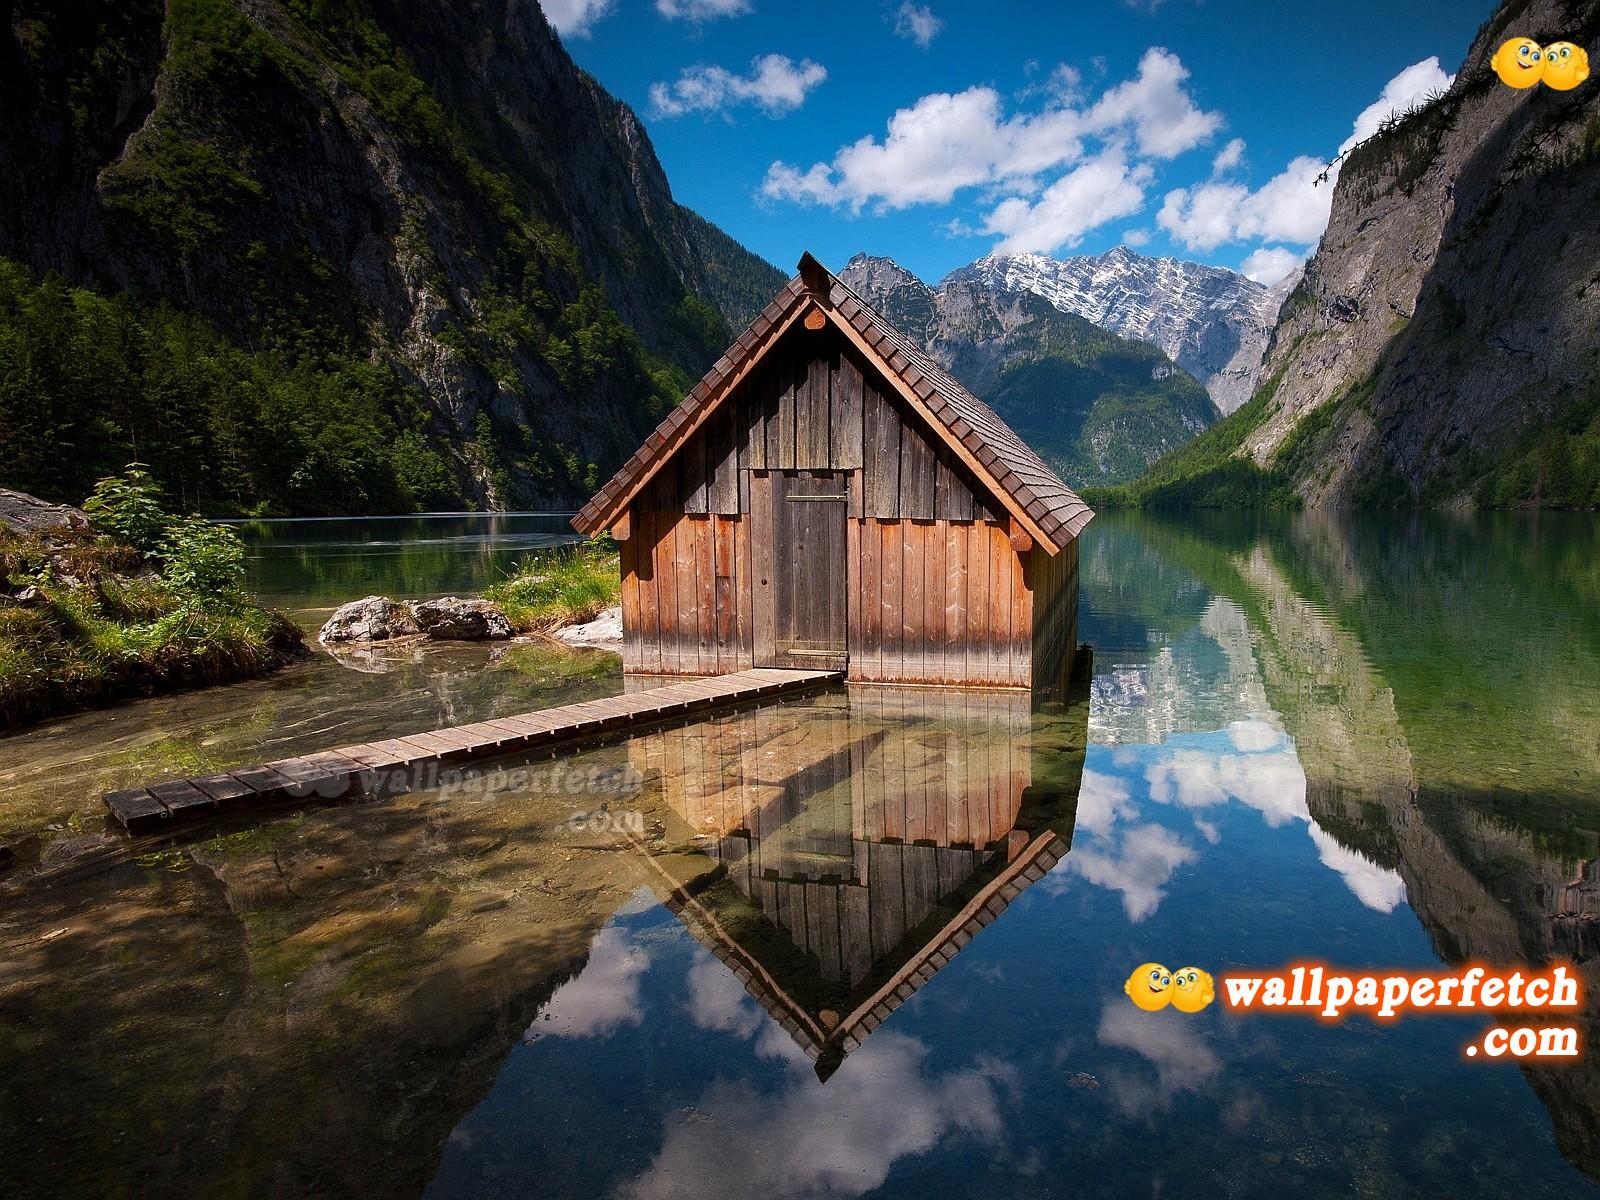 http://2.bp.blogspot.com/-sgWuT2EL_0Q/T6QH5T06VnI/AAAAAAAALEg/dK8YlV4XK-s/s1600/Lake_Hut_Wallpaper_1600x1200_wallpaperhere.jpg